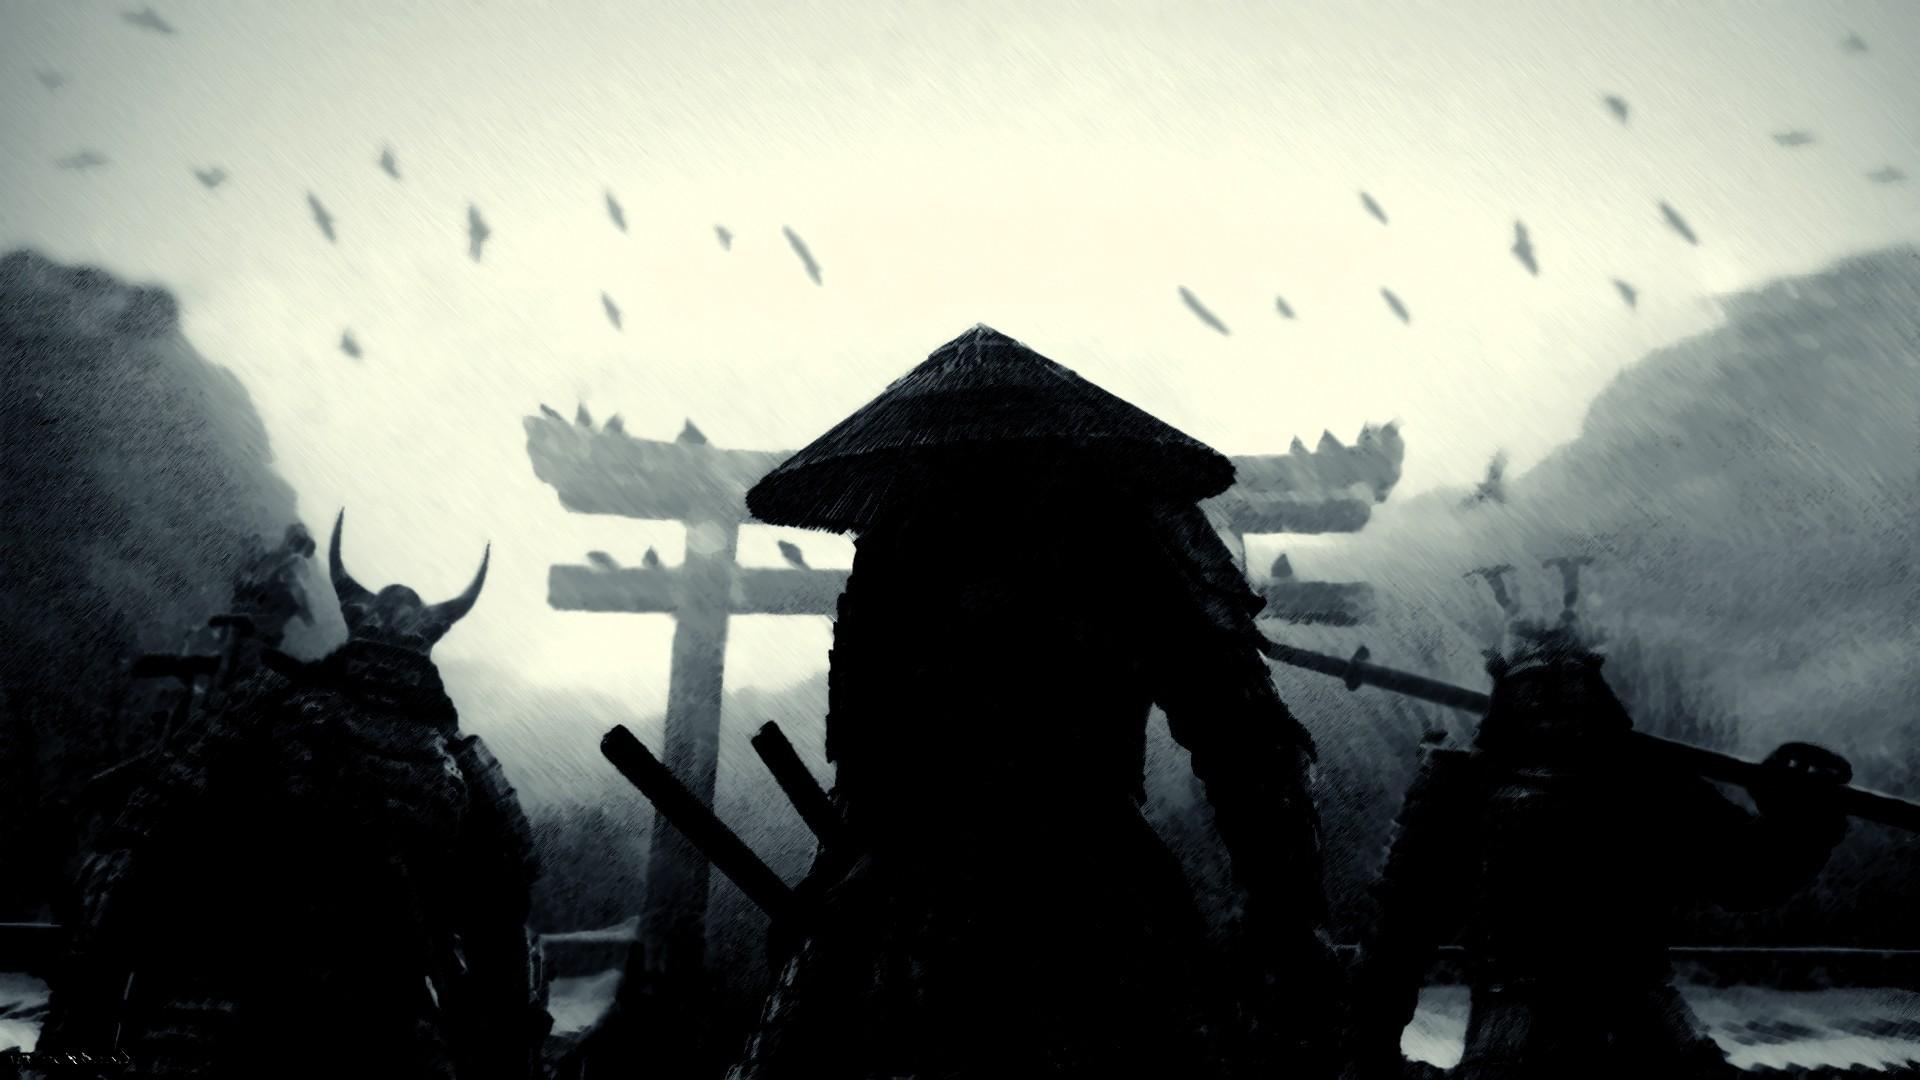 Samurai warriors   Sucker Punch Wallpaper 6891 1920x1080